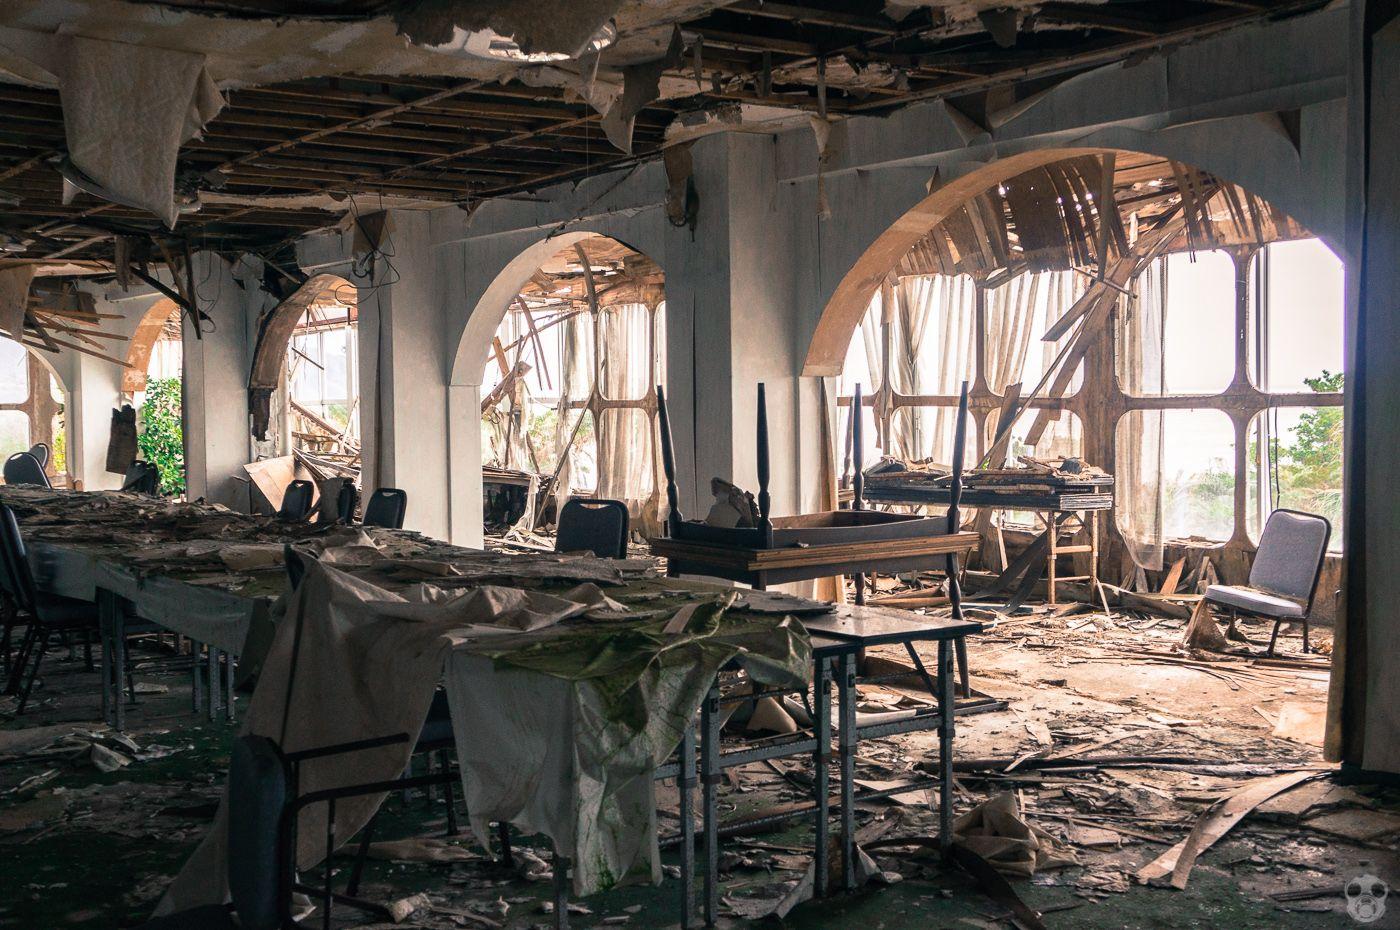 廃墟 - google 検索 | 背景 | pinterest | 廃墟、おしゃれな壁紙背景